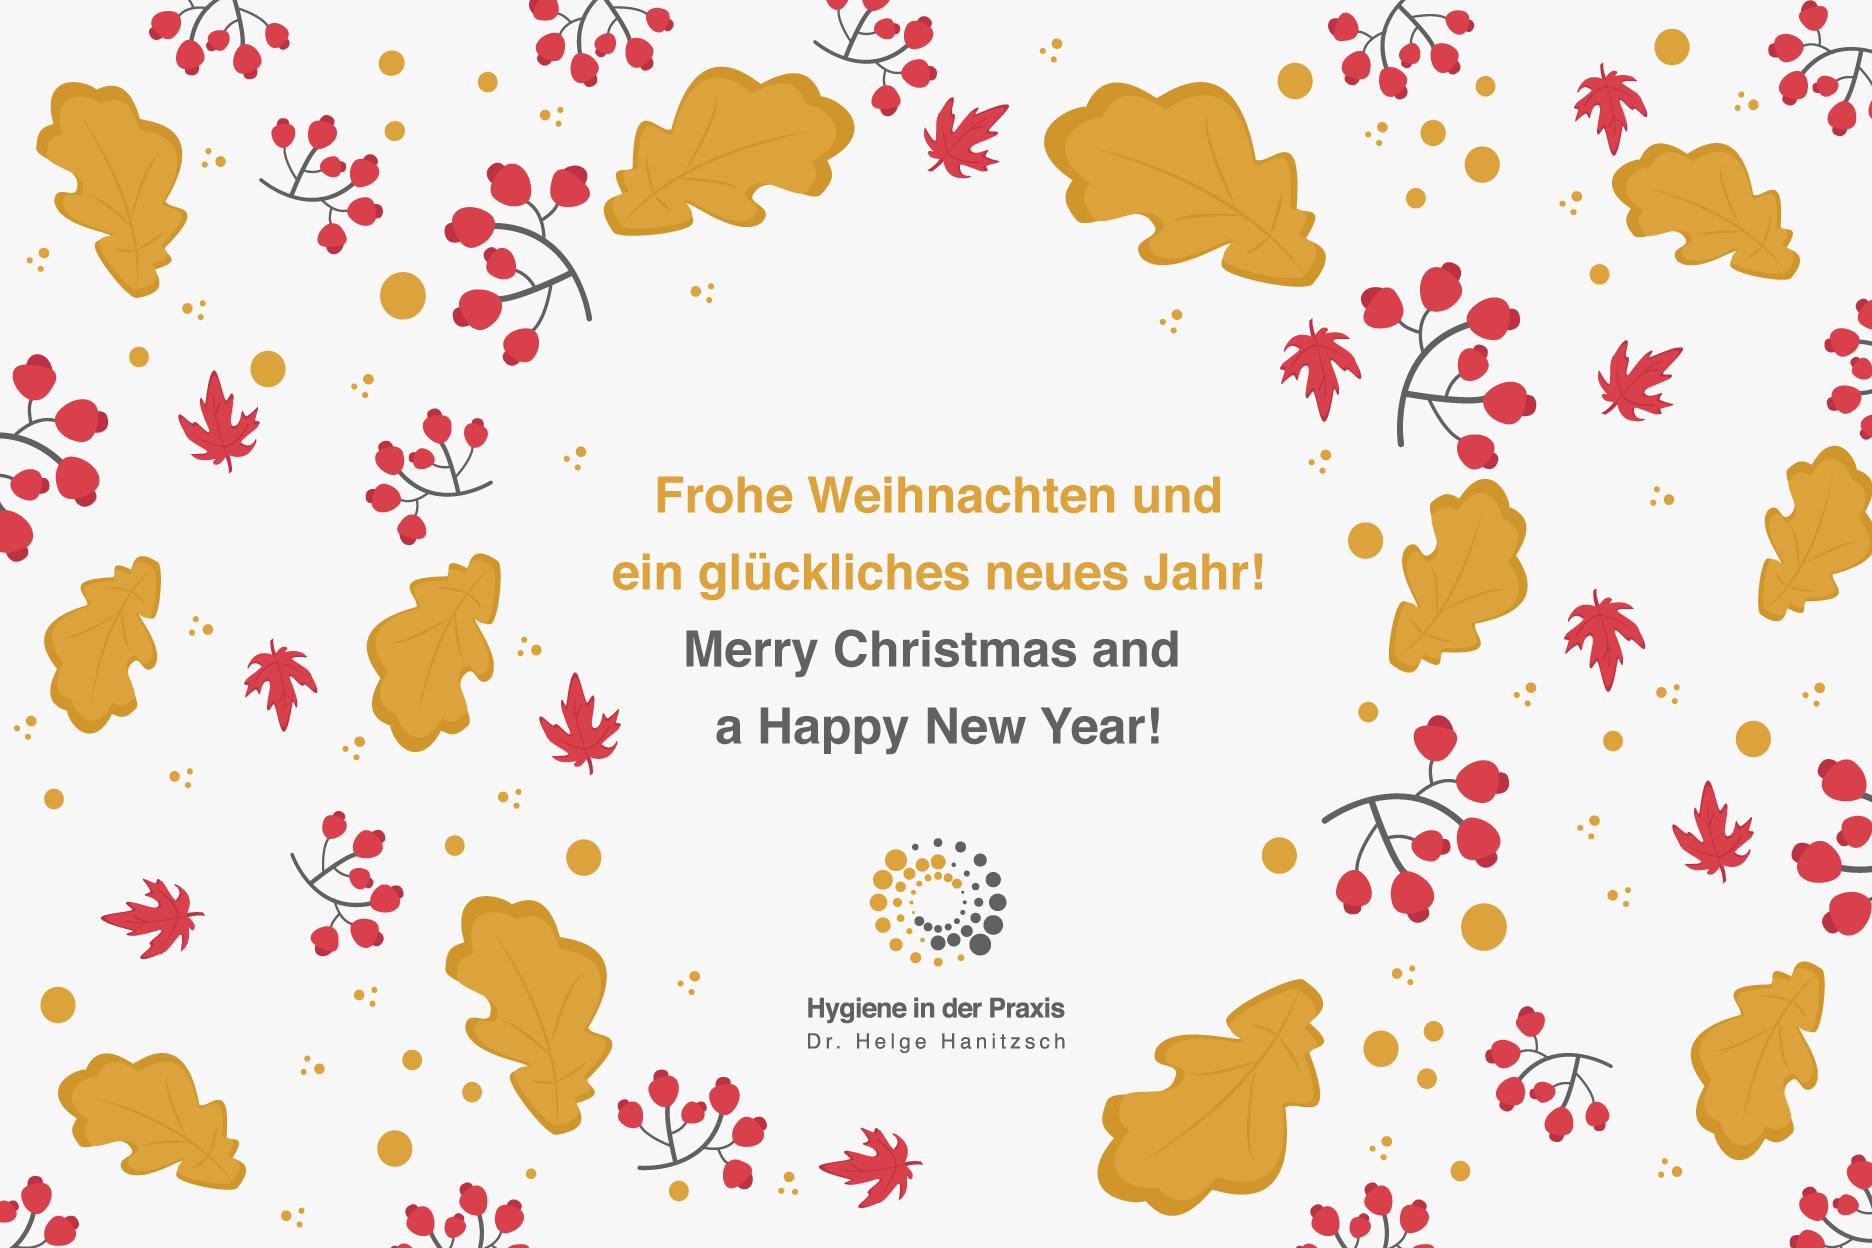 Frohe Weihnachten Und Glückliches Neues Jahr!